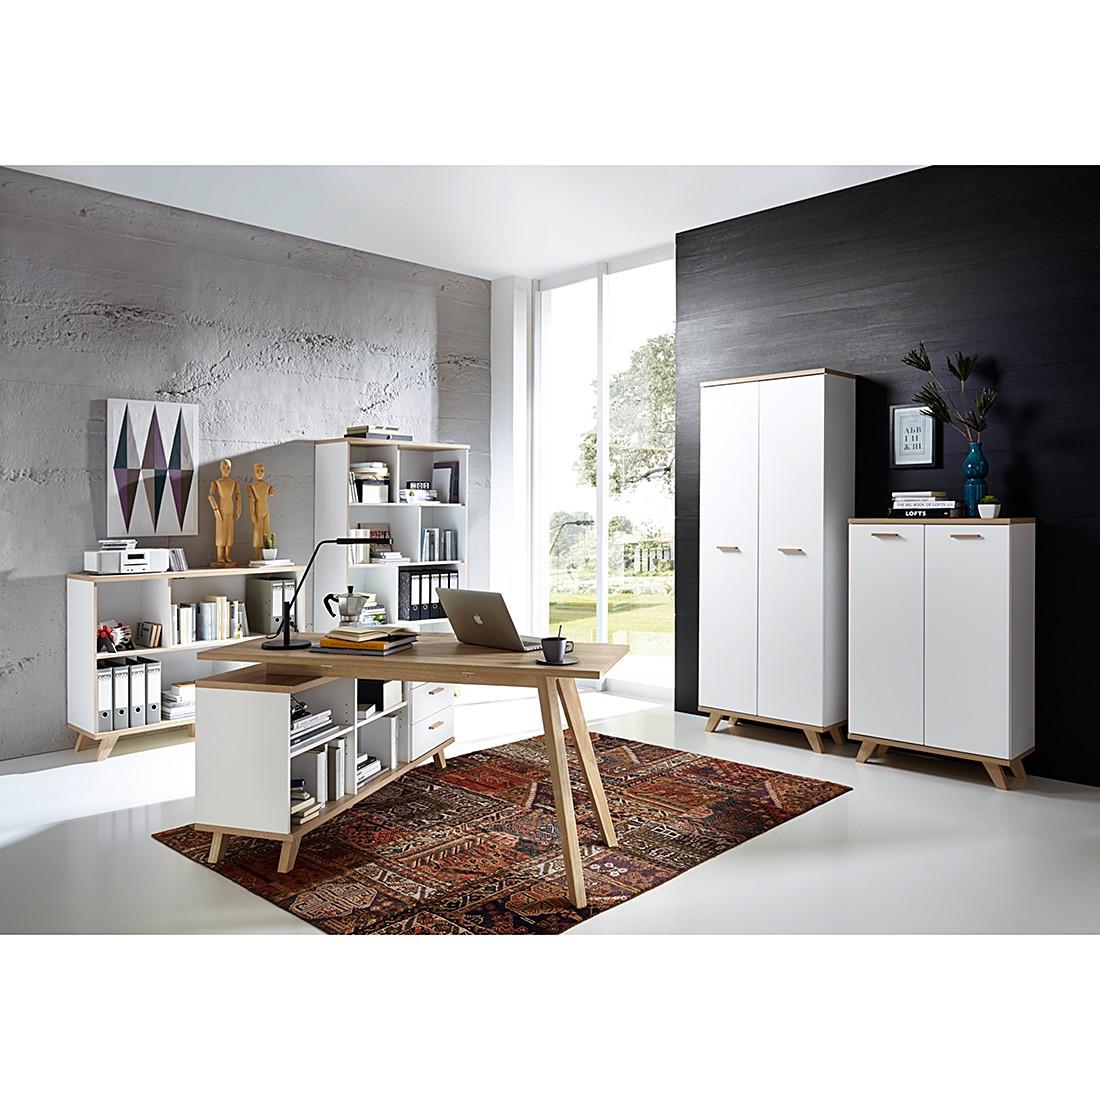 Büroset Neston II (5-teilig) – Eiche Sanremo Dekor/Weiß, Mørteens jetzt bestellen